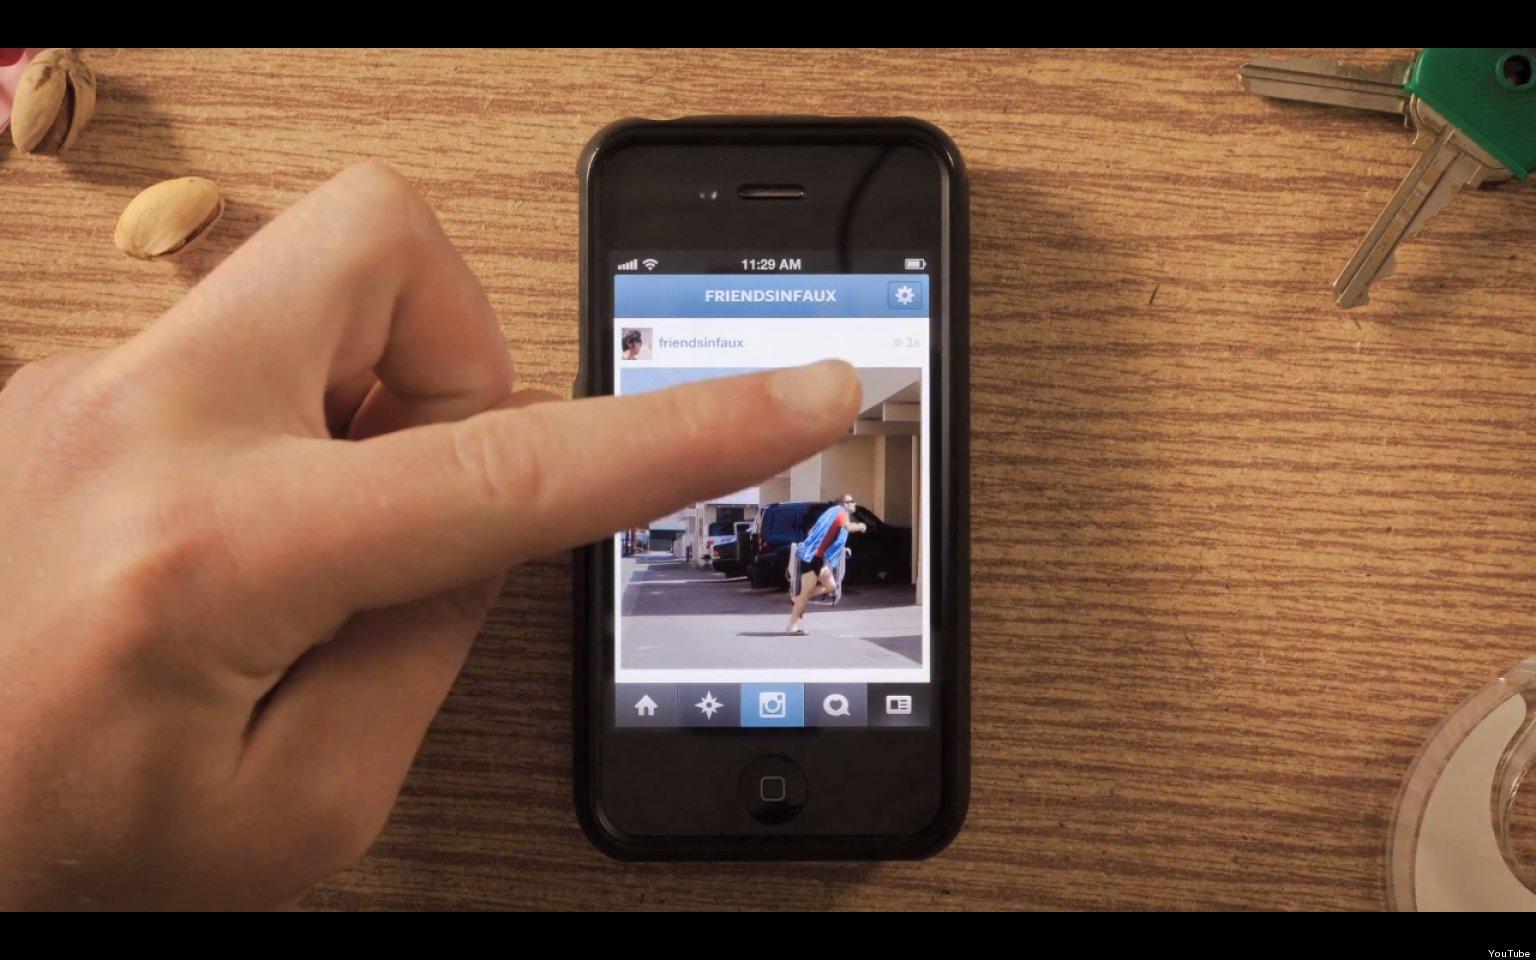 """""""Instagramimation"""" é um stop motion criado pelos rapazes do Friends in Faux utilizando imagens da rede social. (Foto: Reprodução / YouTube)"""